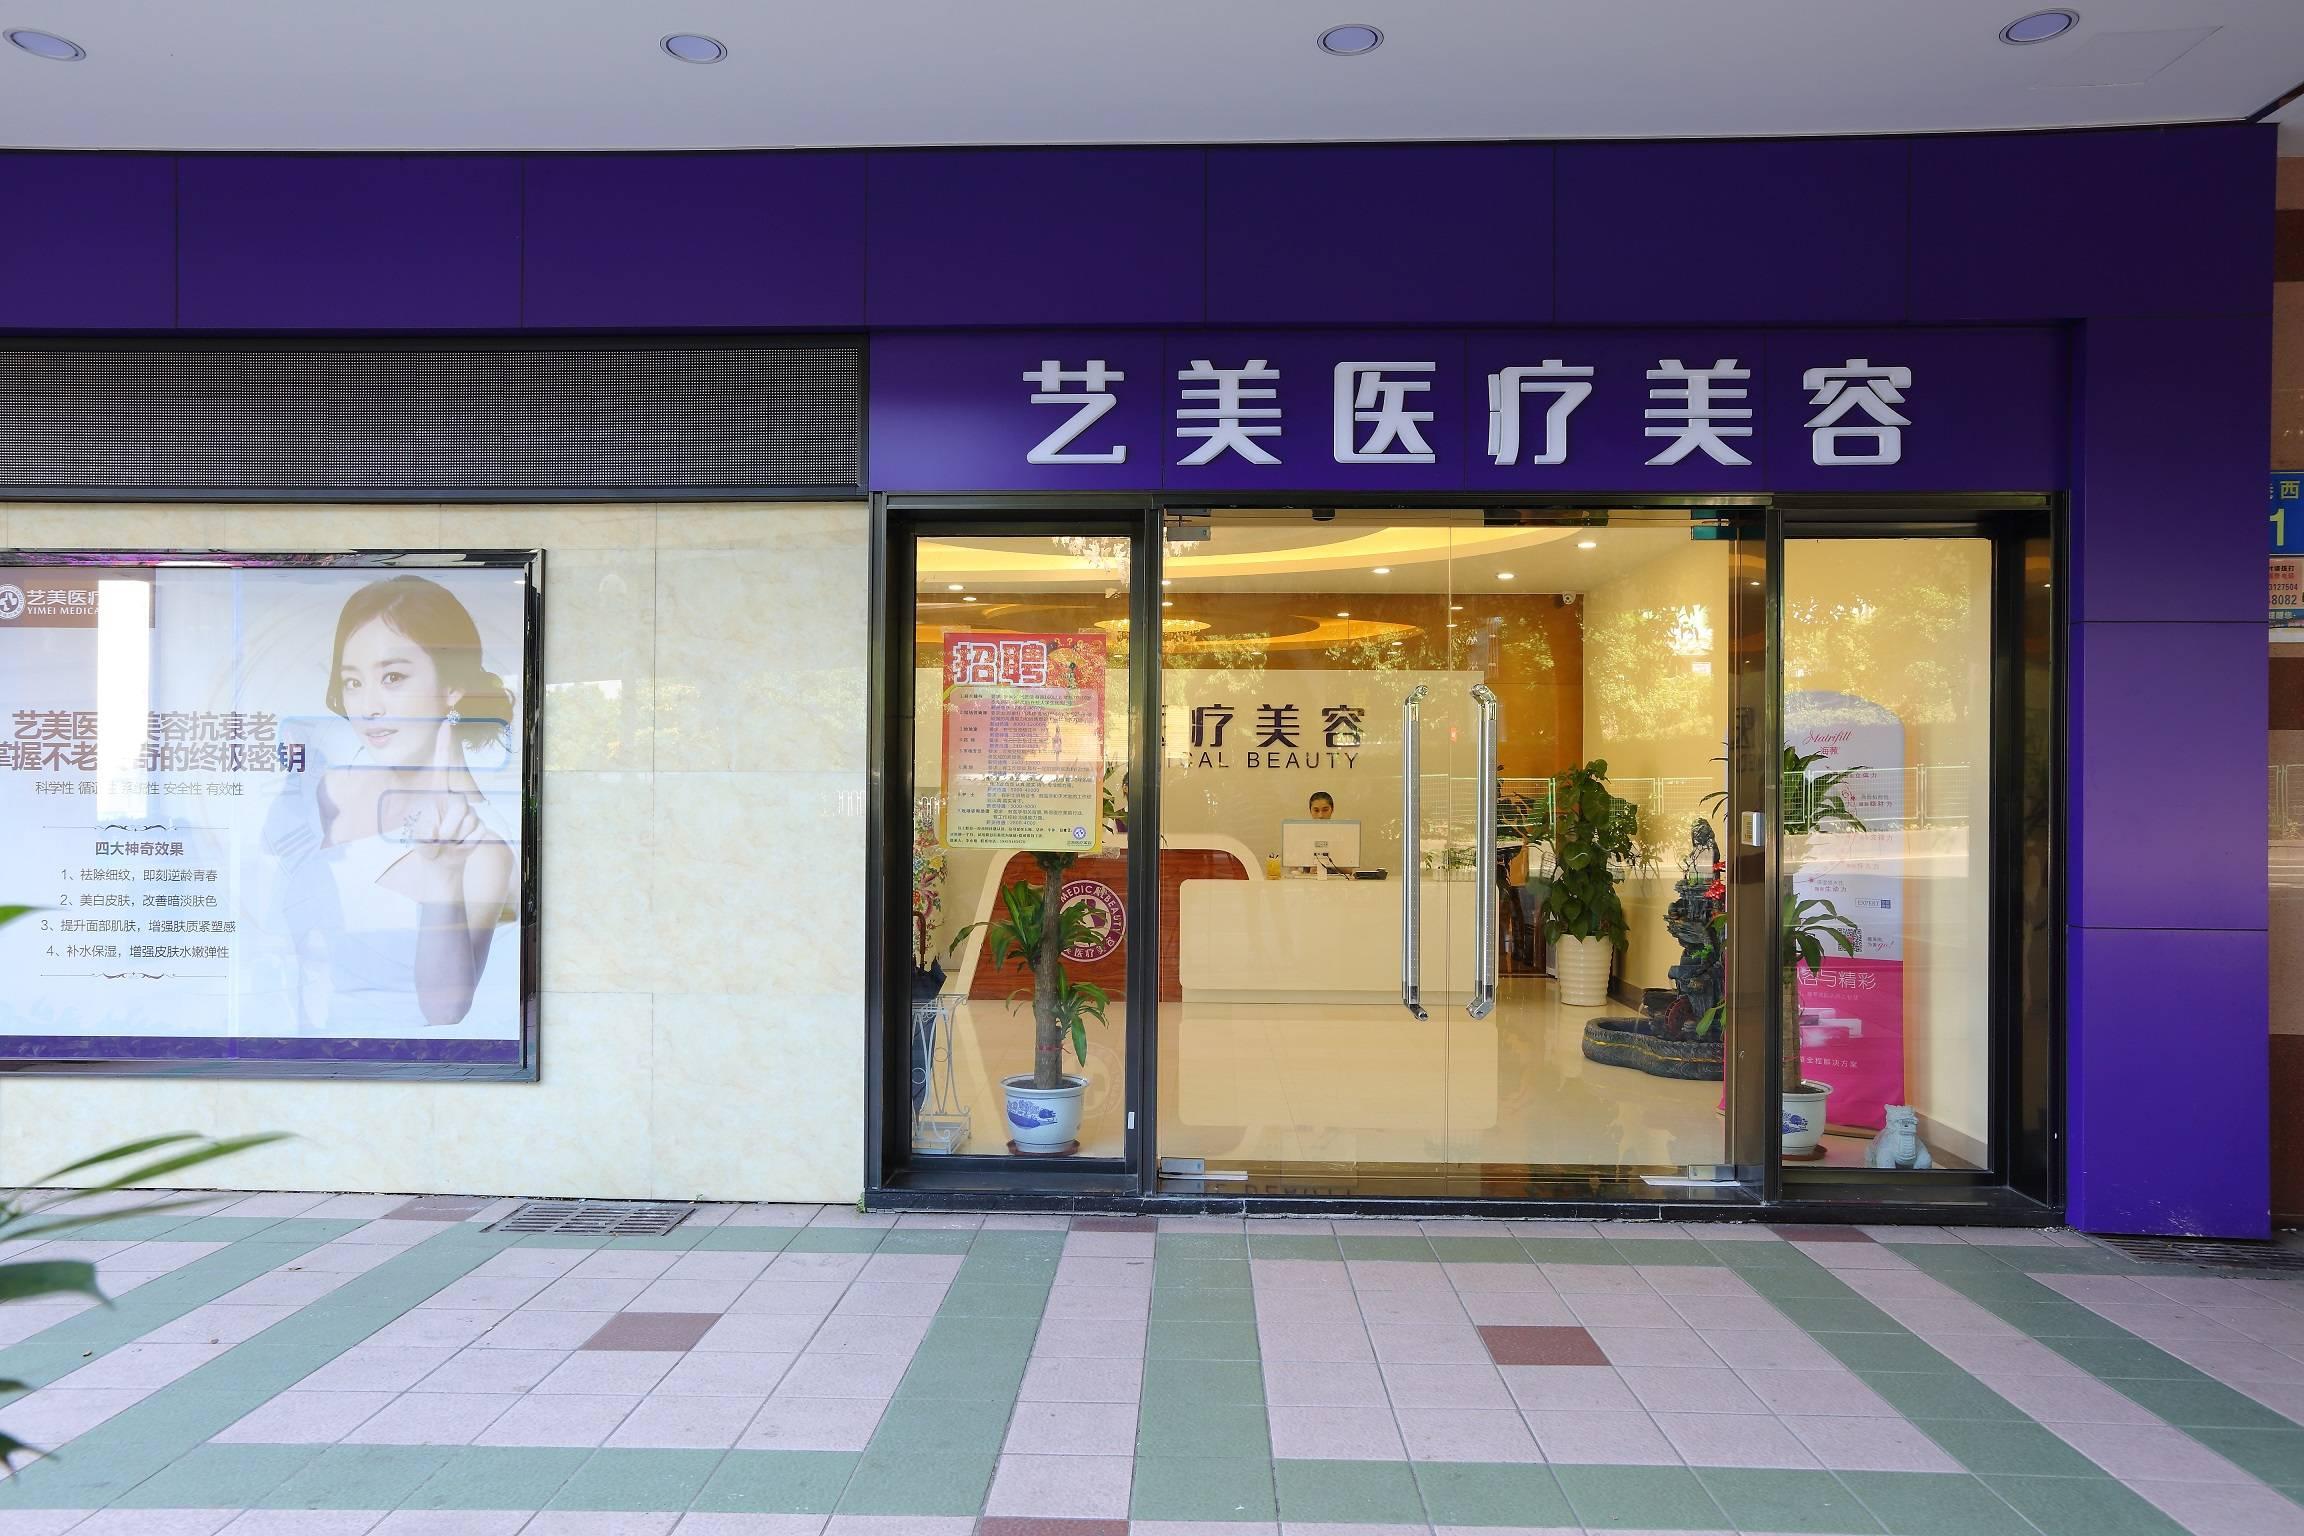 广州艺美医疗美容门诊部环境图4